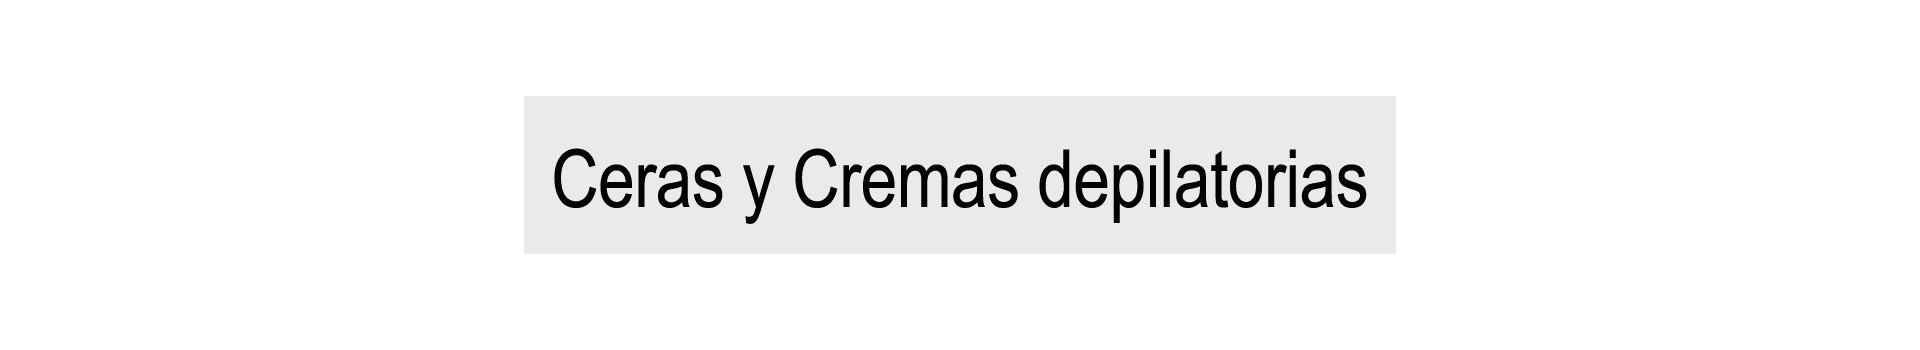 Ceras y Cremas Depilatorias